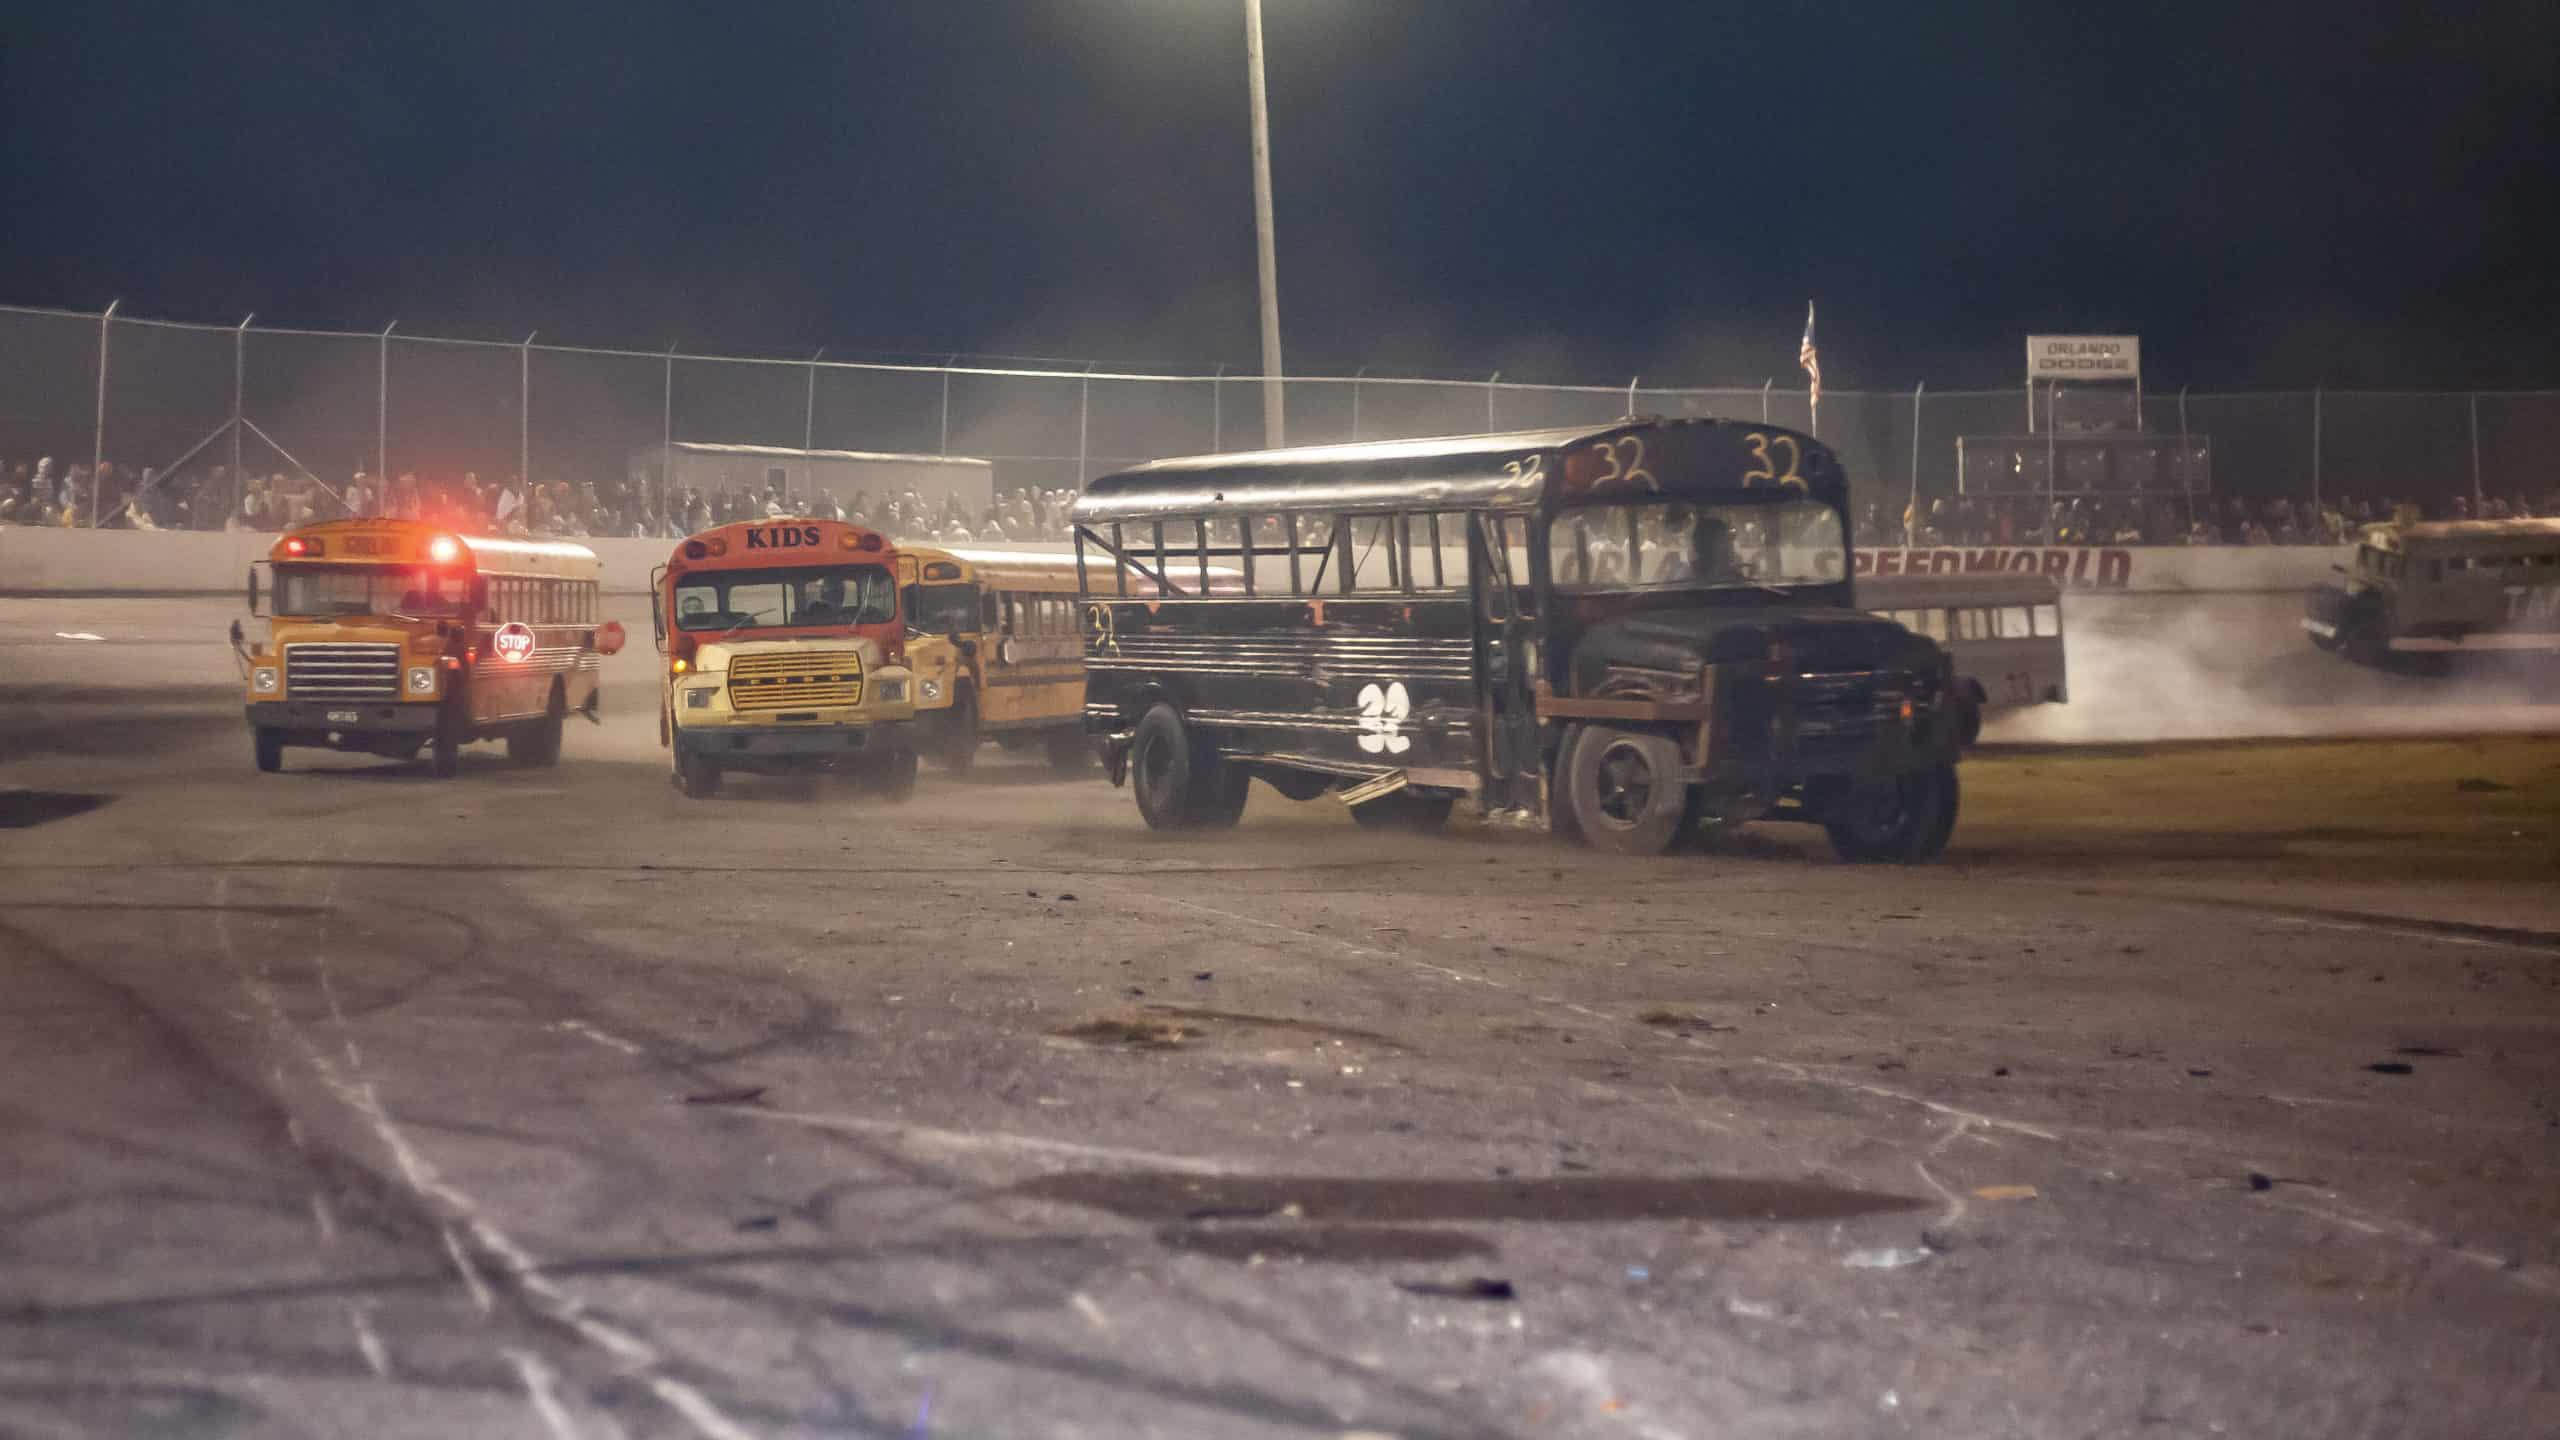 figure 8 school bus racing